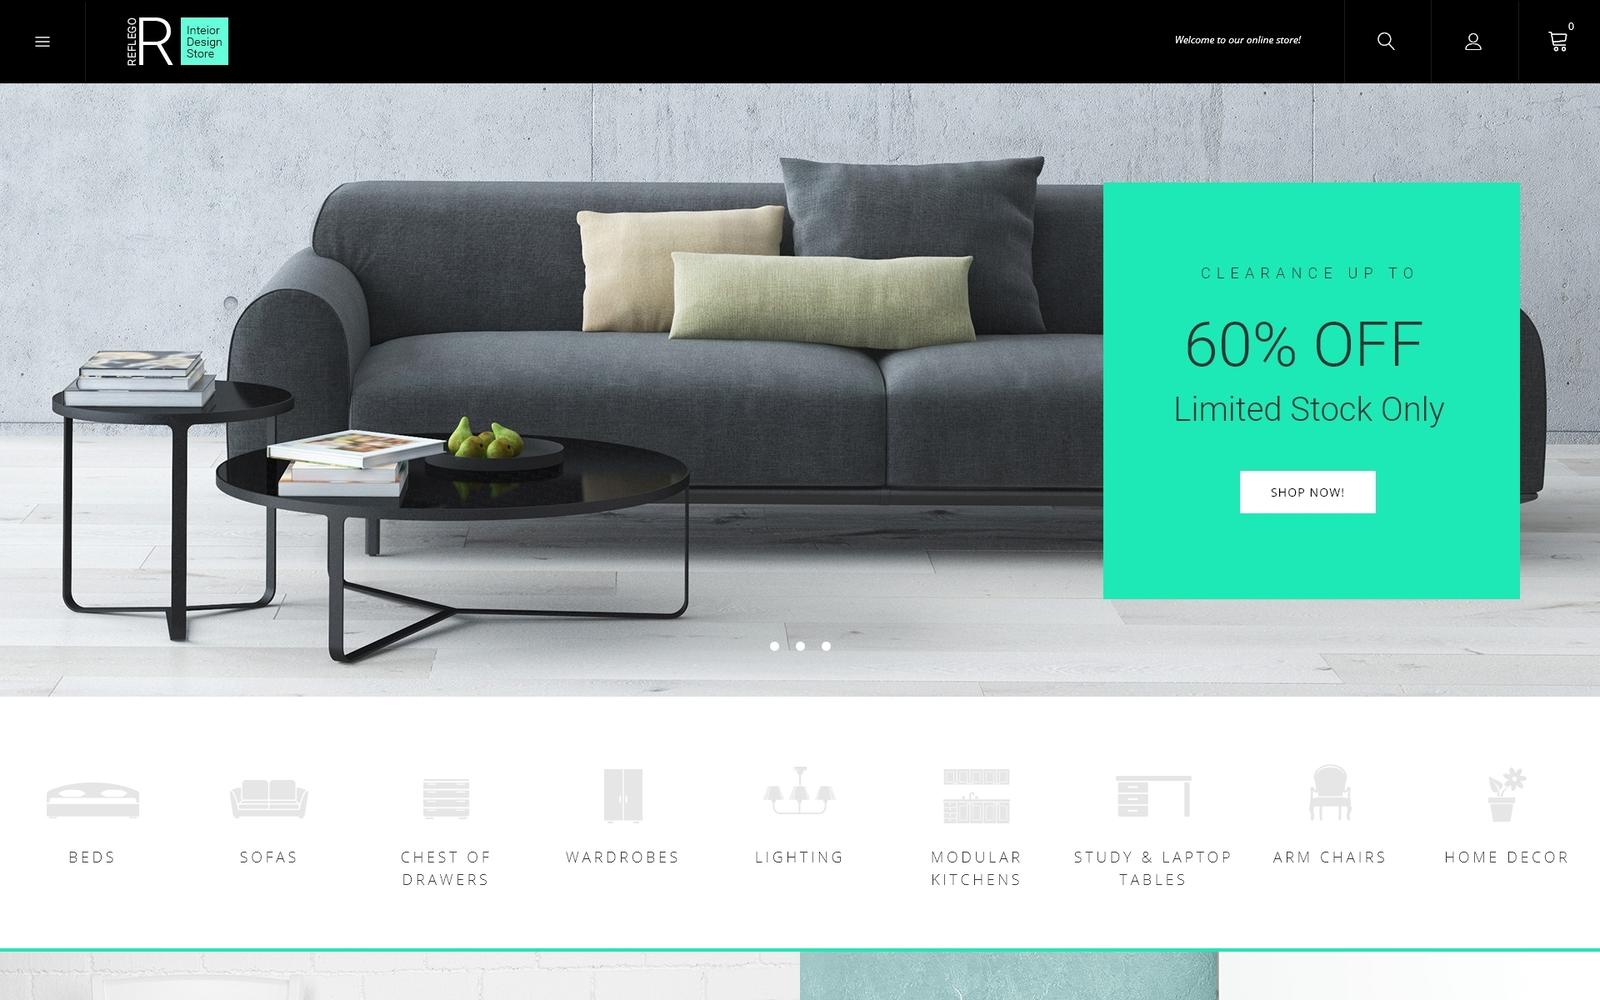 Reflego - Furniture & Home Decor Magento sablon 64138